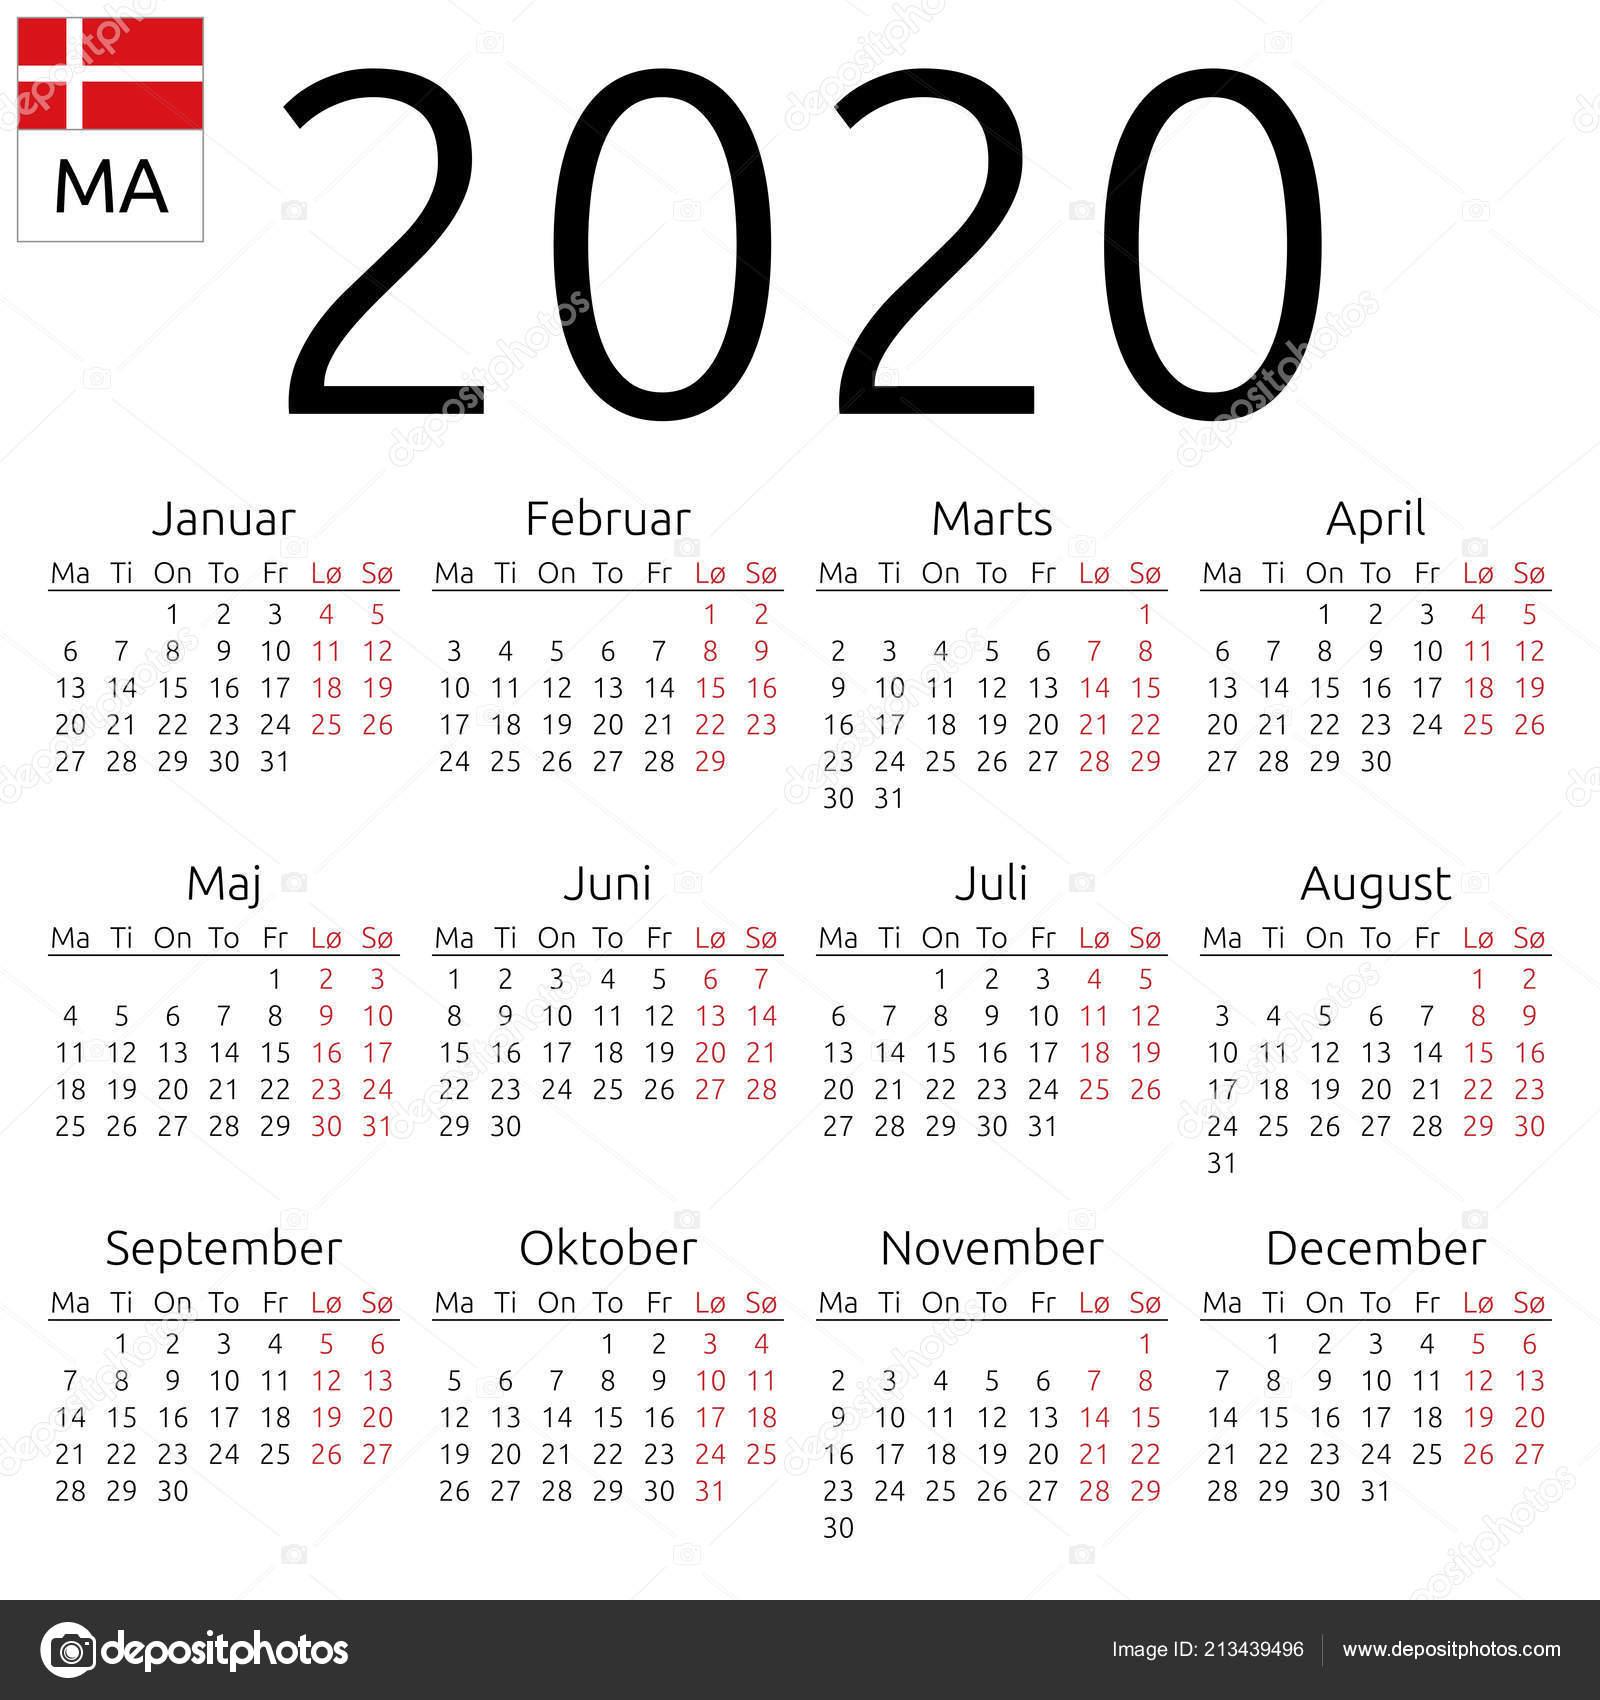 Dias Festivo Calendario 2020 Mexico.Calendario Pared Ano 2020 Anual Simple Lengua Danesa Semana